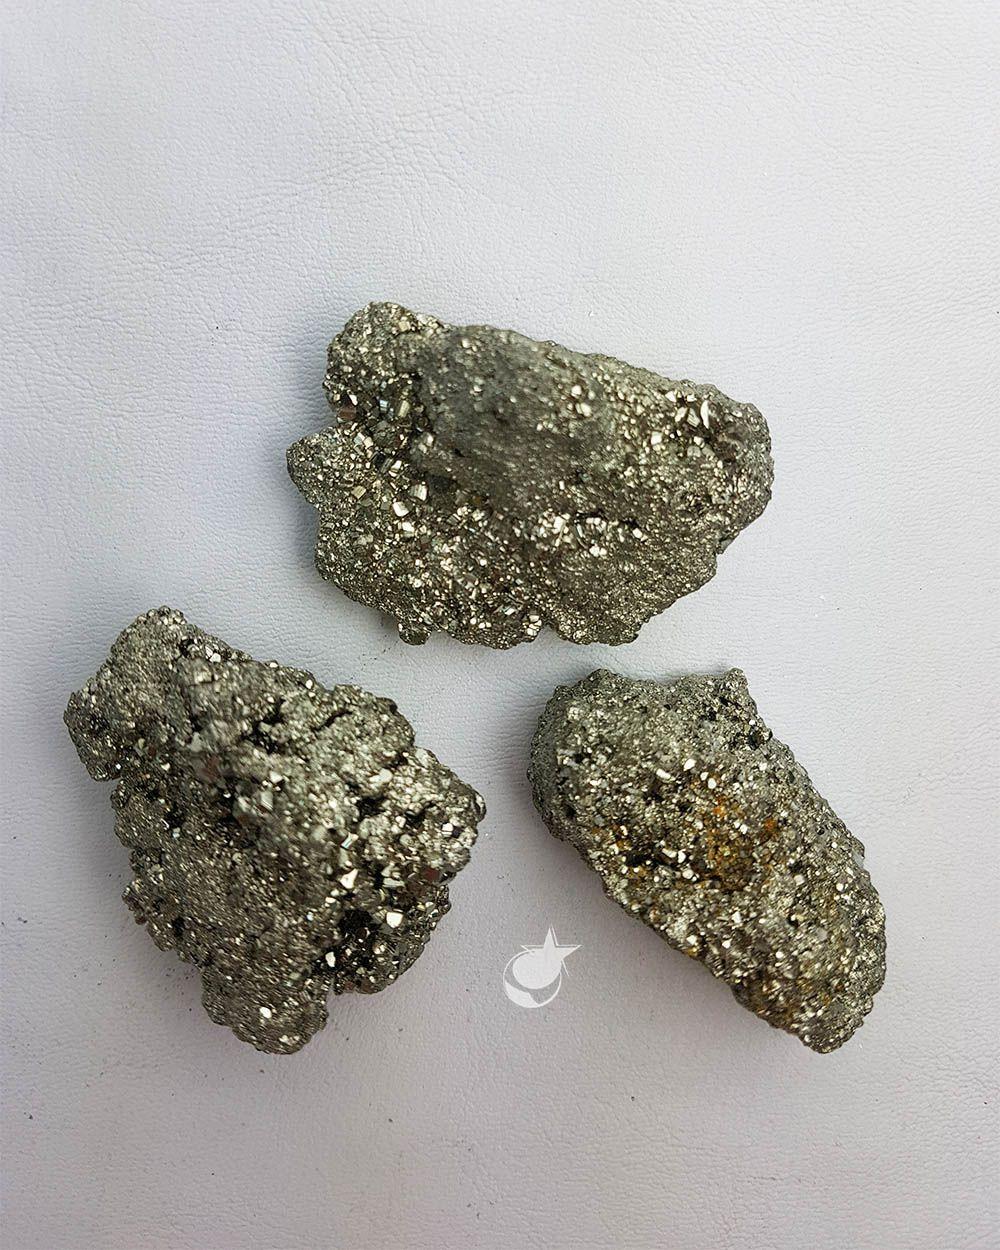 PIRITA BRUTA - UNIDADE - 3,5 a 4 cm - ( 50 a 60 g)